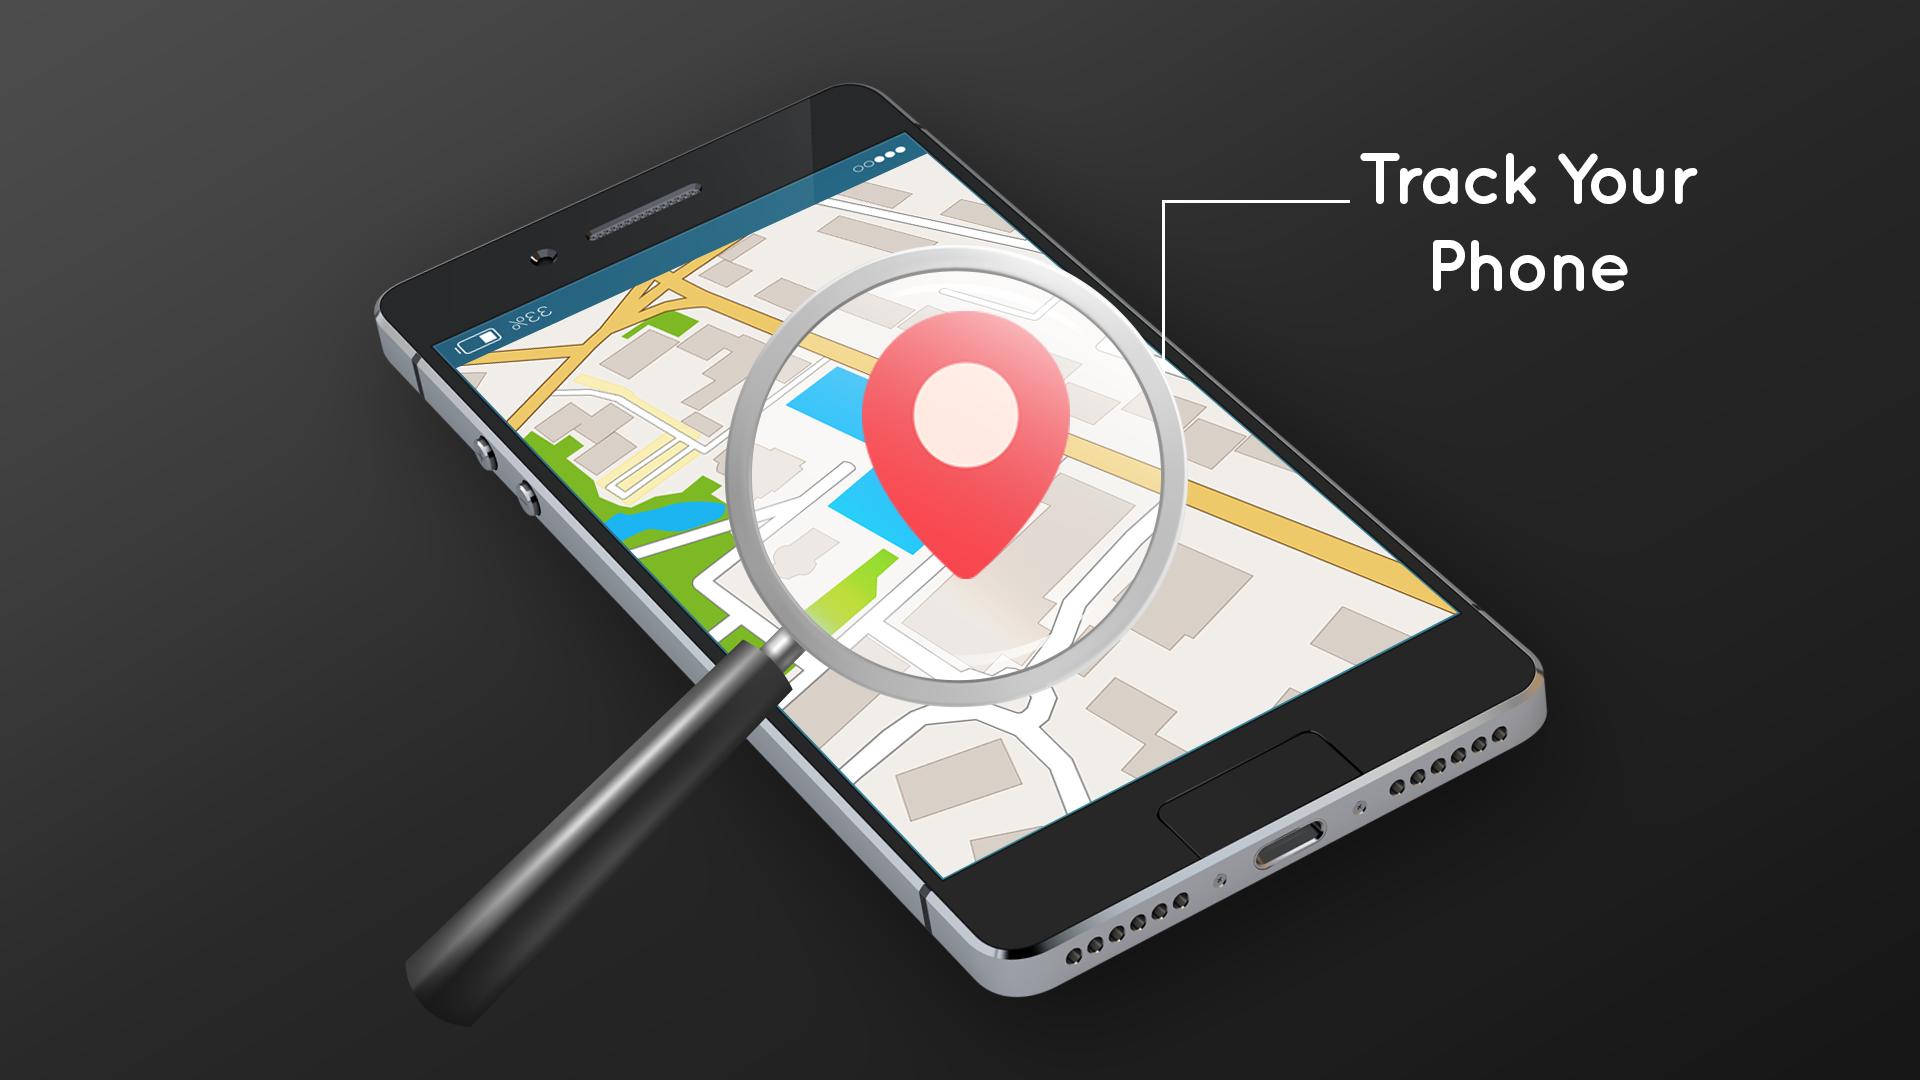 Finde mein Handy Orten per Handynummer Kostenlos: Amazon